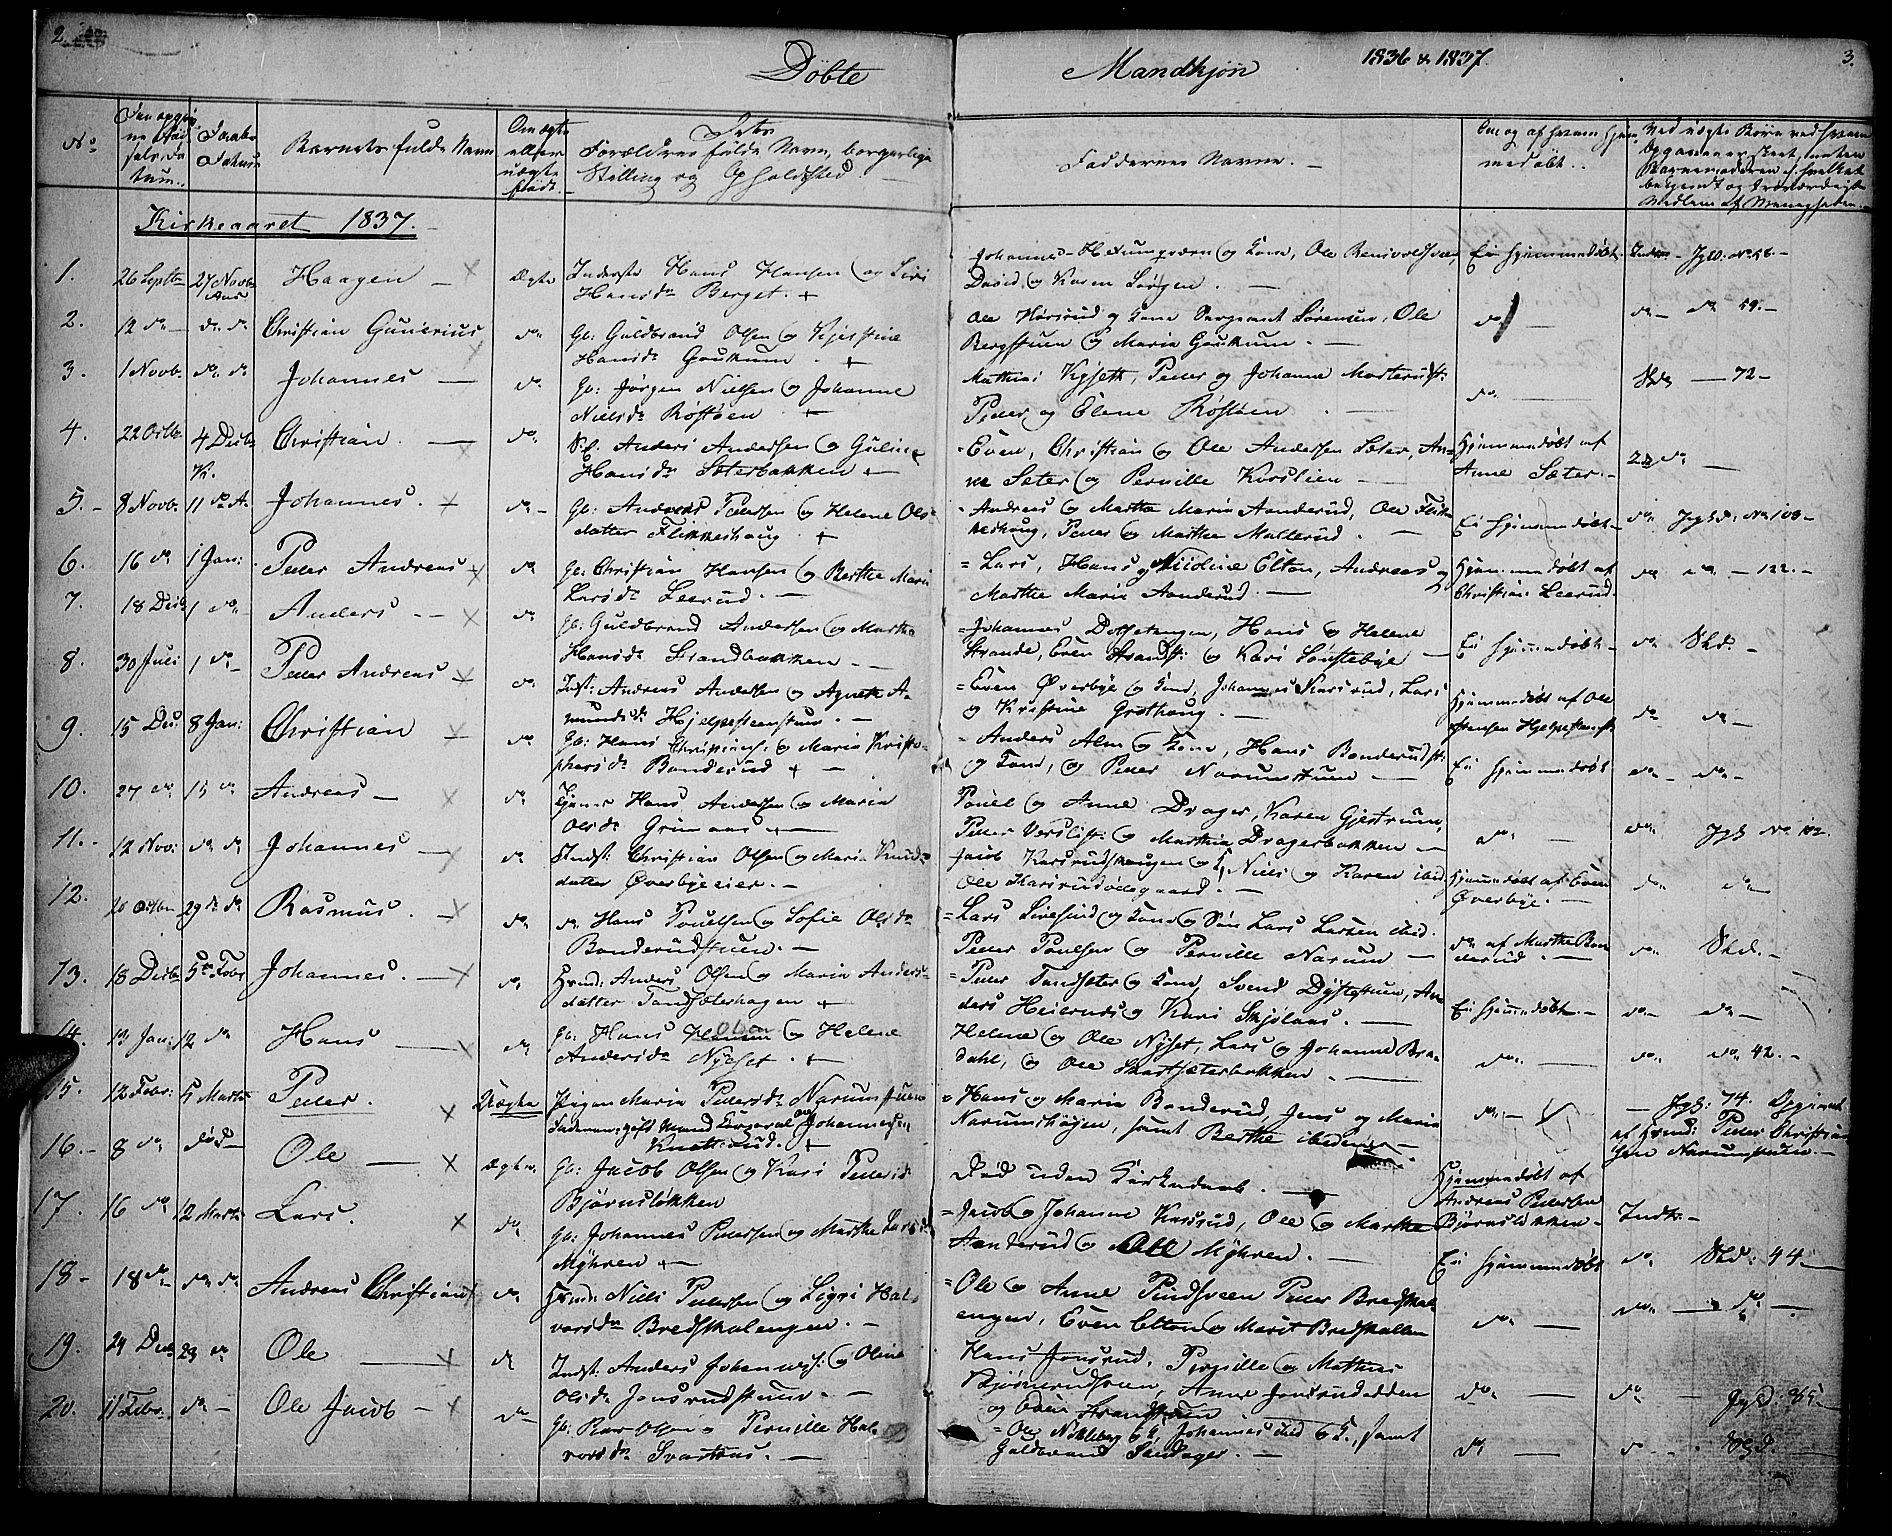 SAH, Vestre Toten prestekontor, Ministerialbok nr. 3, 1836-1843, s. 2-3